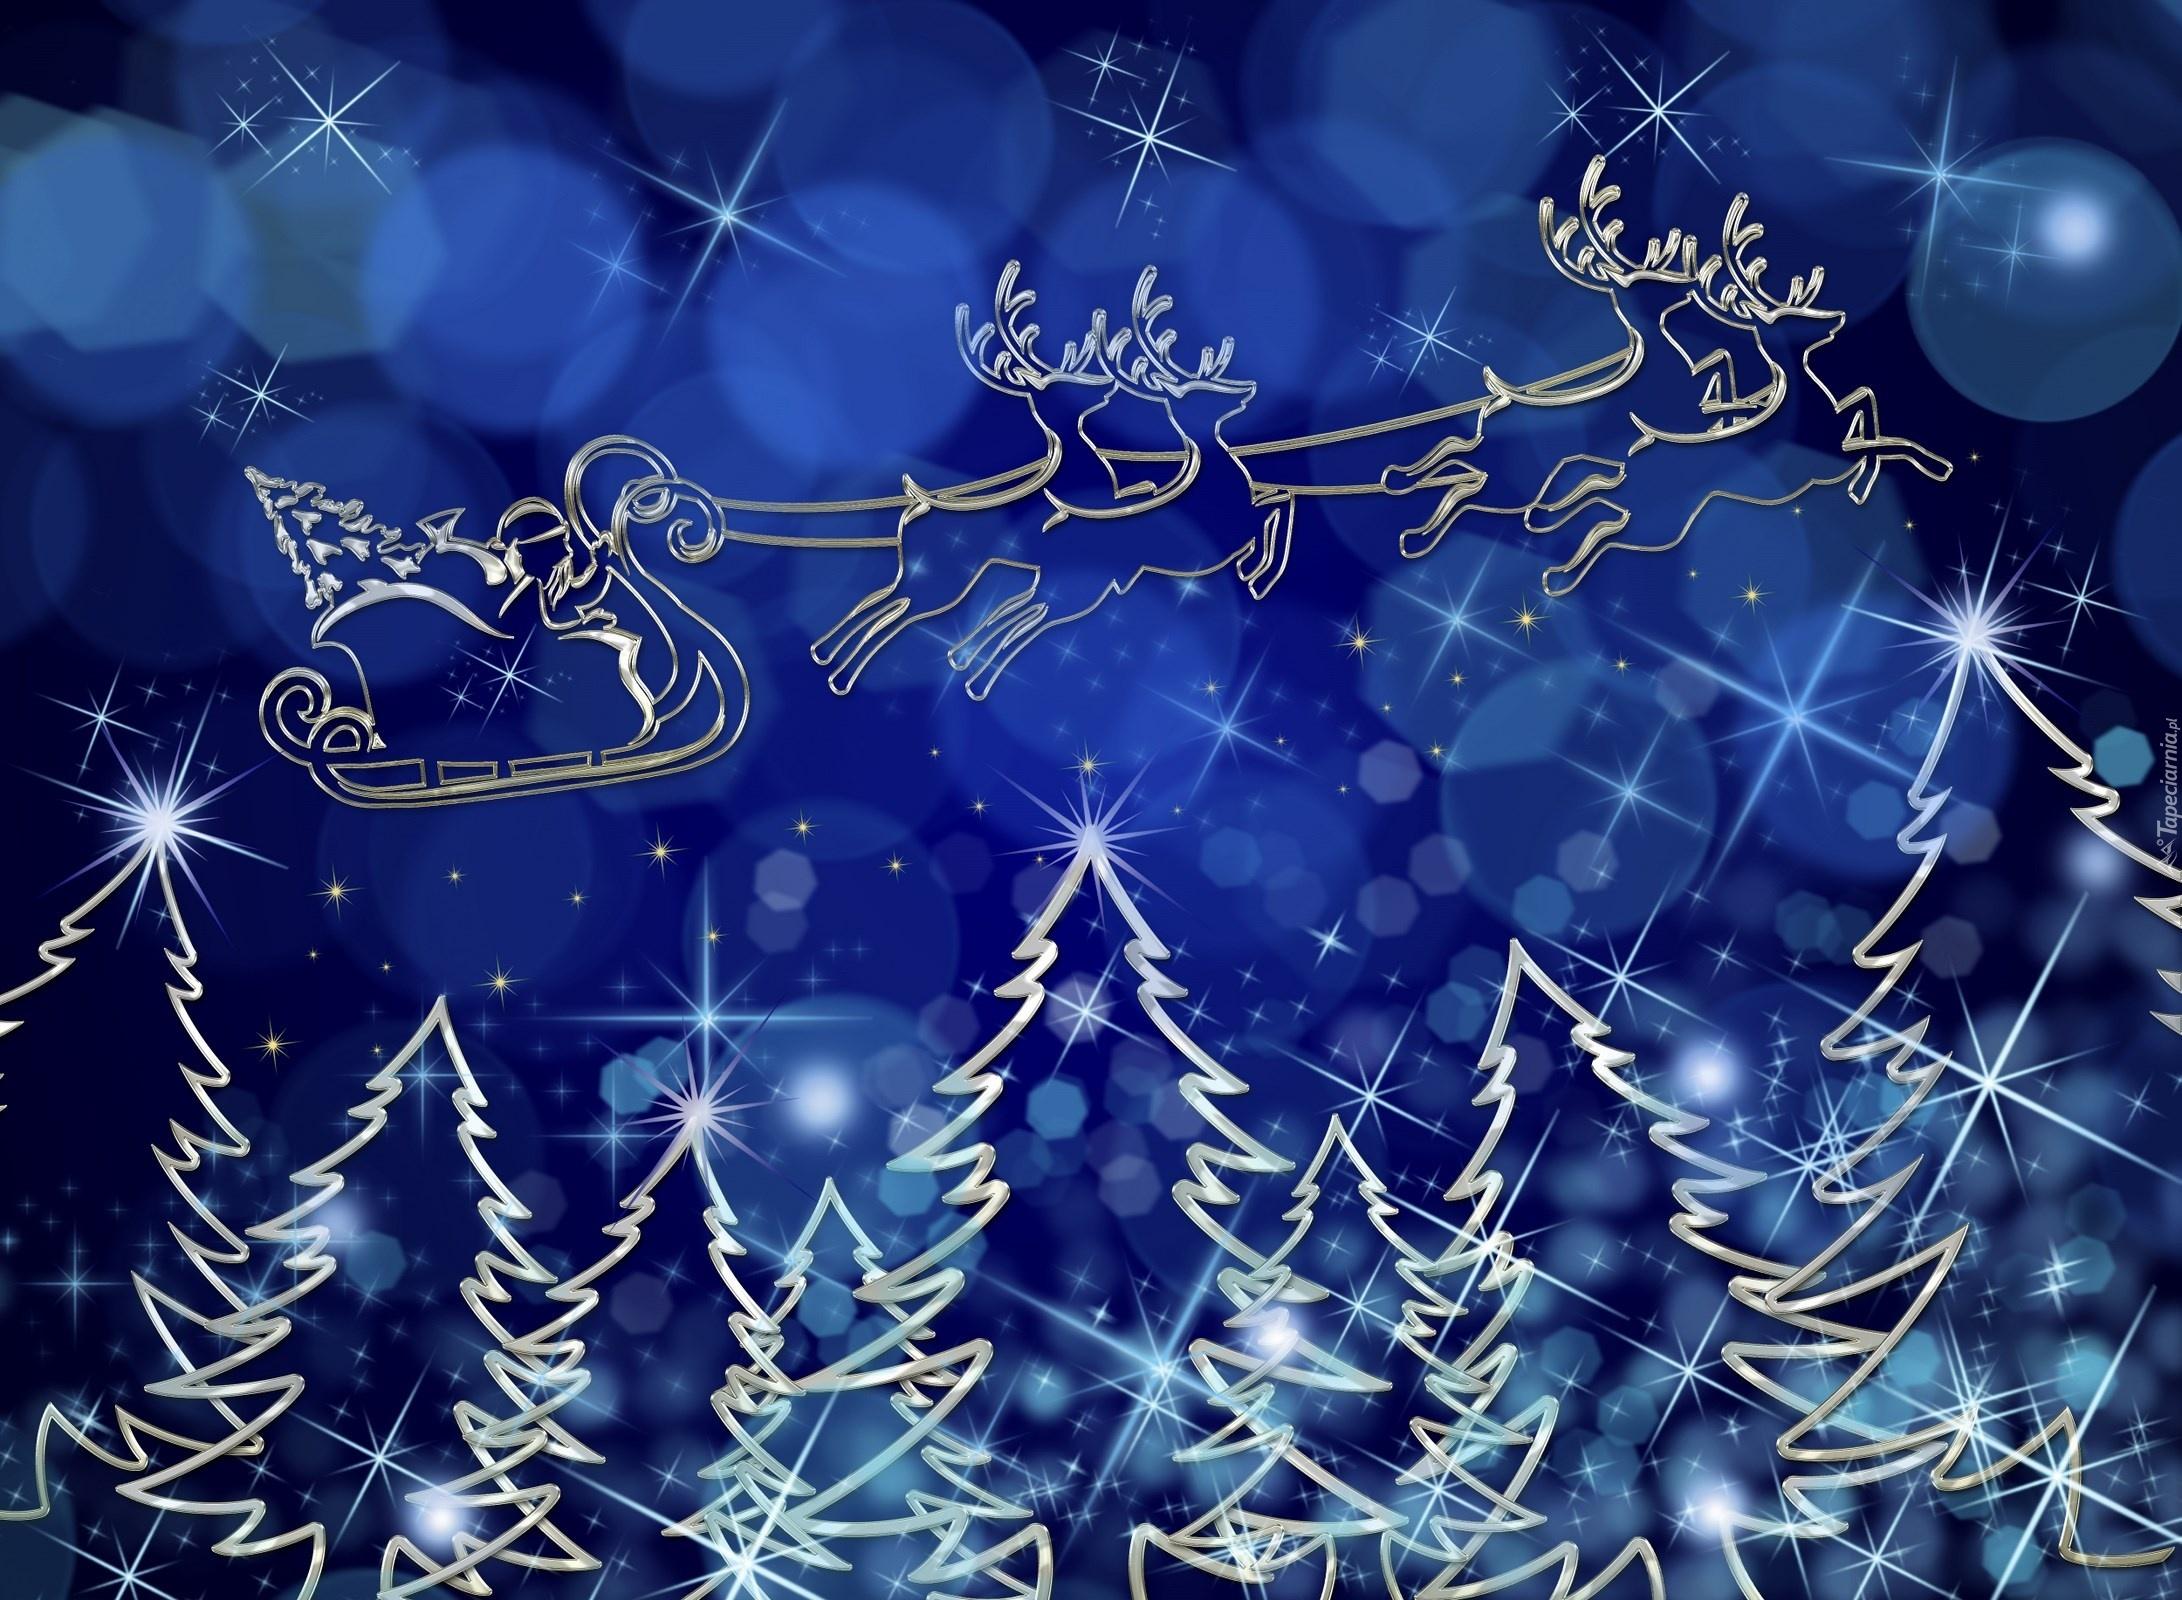 Новогодняя открытка фотошоп синяя, самолетики